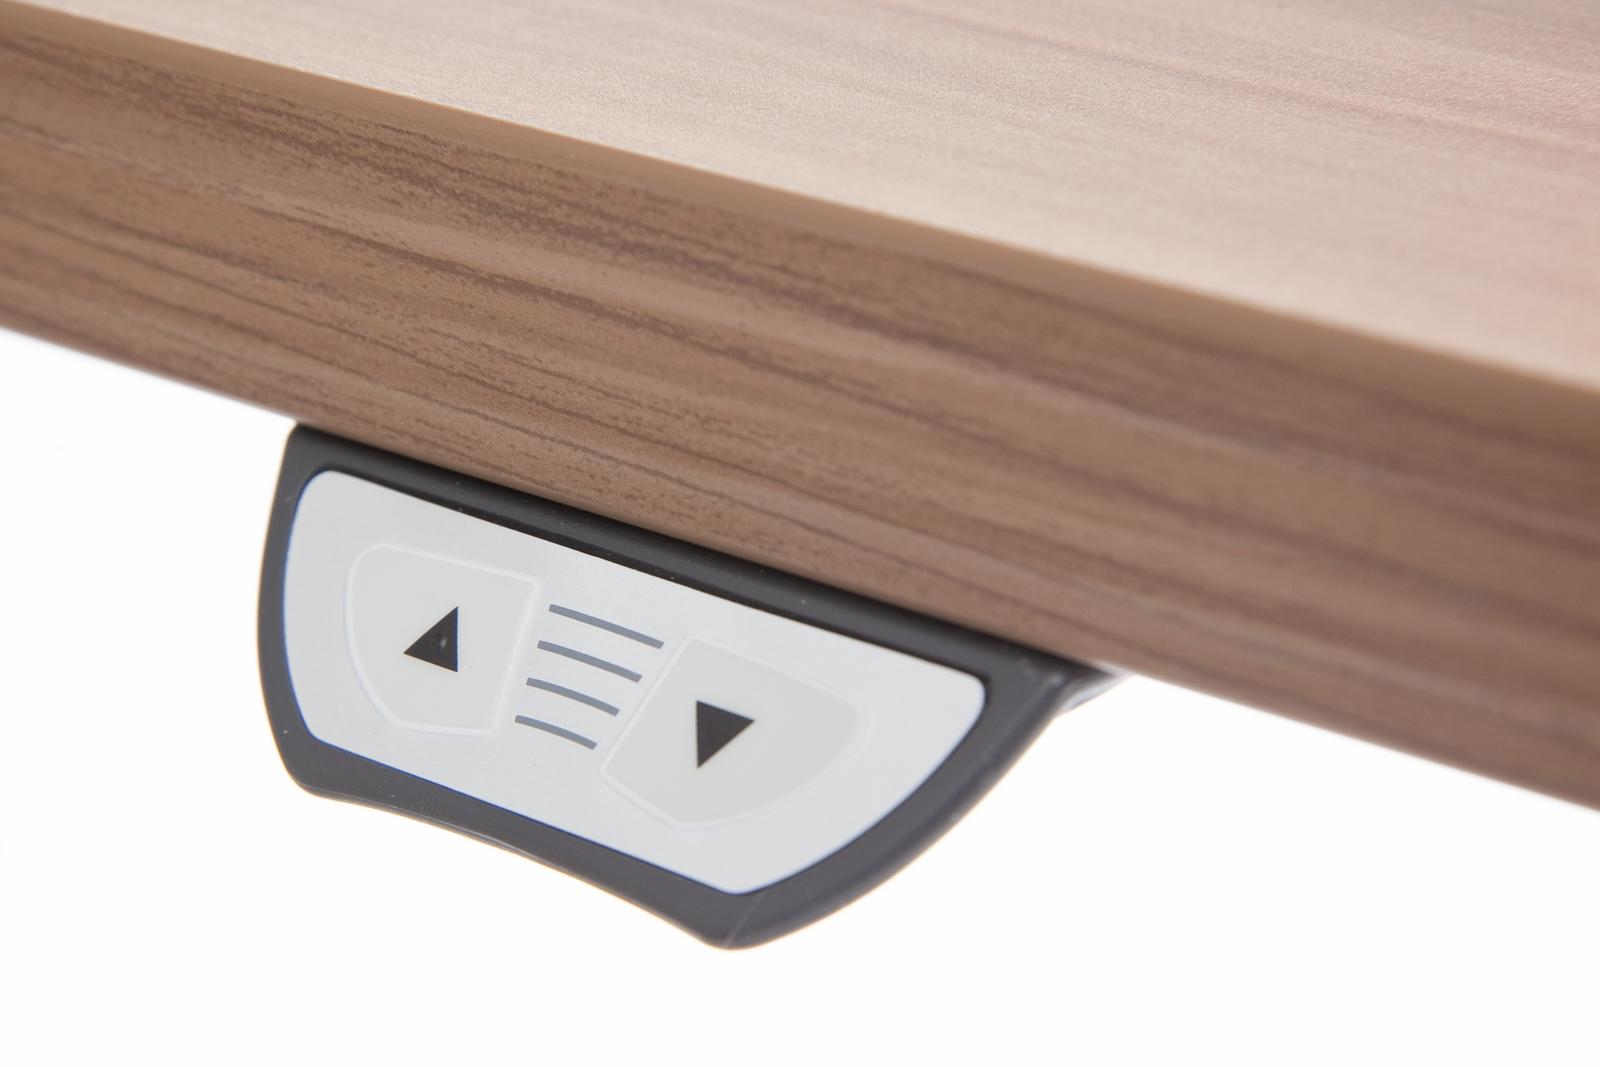 schreibtisch elektrisch h henverstellbar b rotisch b roschreibtisch b m xmst ebay. Black Bedroom Furniture Sets. Home Design Ideas